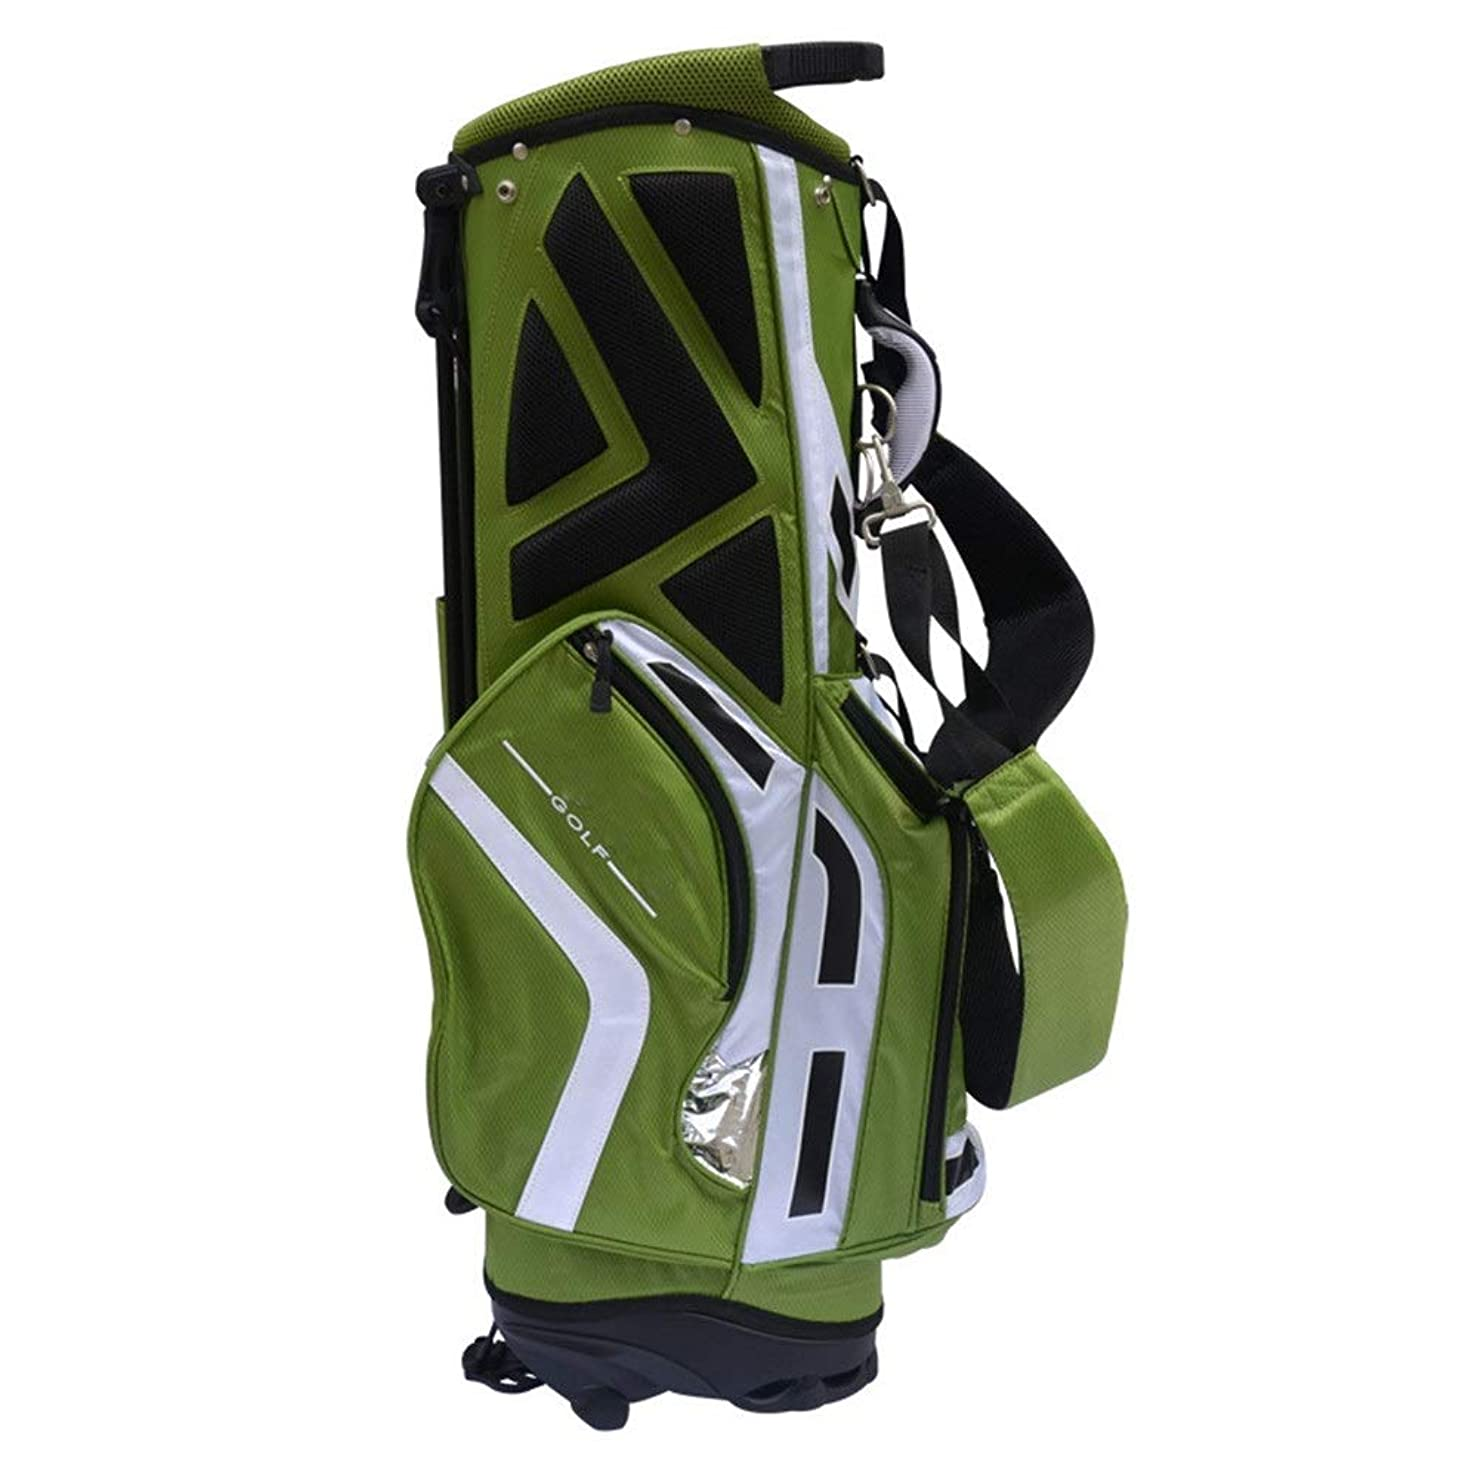 レポートを書く迅速スノーケルゴルフバッグ ゴルフバッグバッグ軽量ゴルフバケットバッグのために男性と女性は11パターグリーンを保持することができますスタンド (Color : Green, Size : As shown)